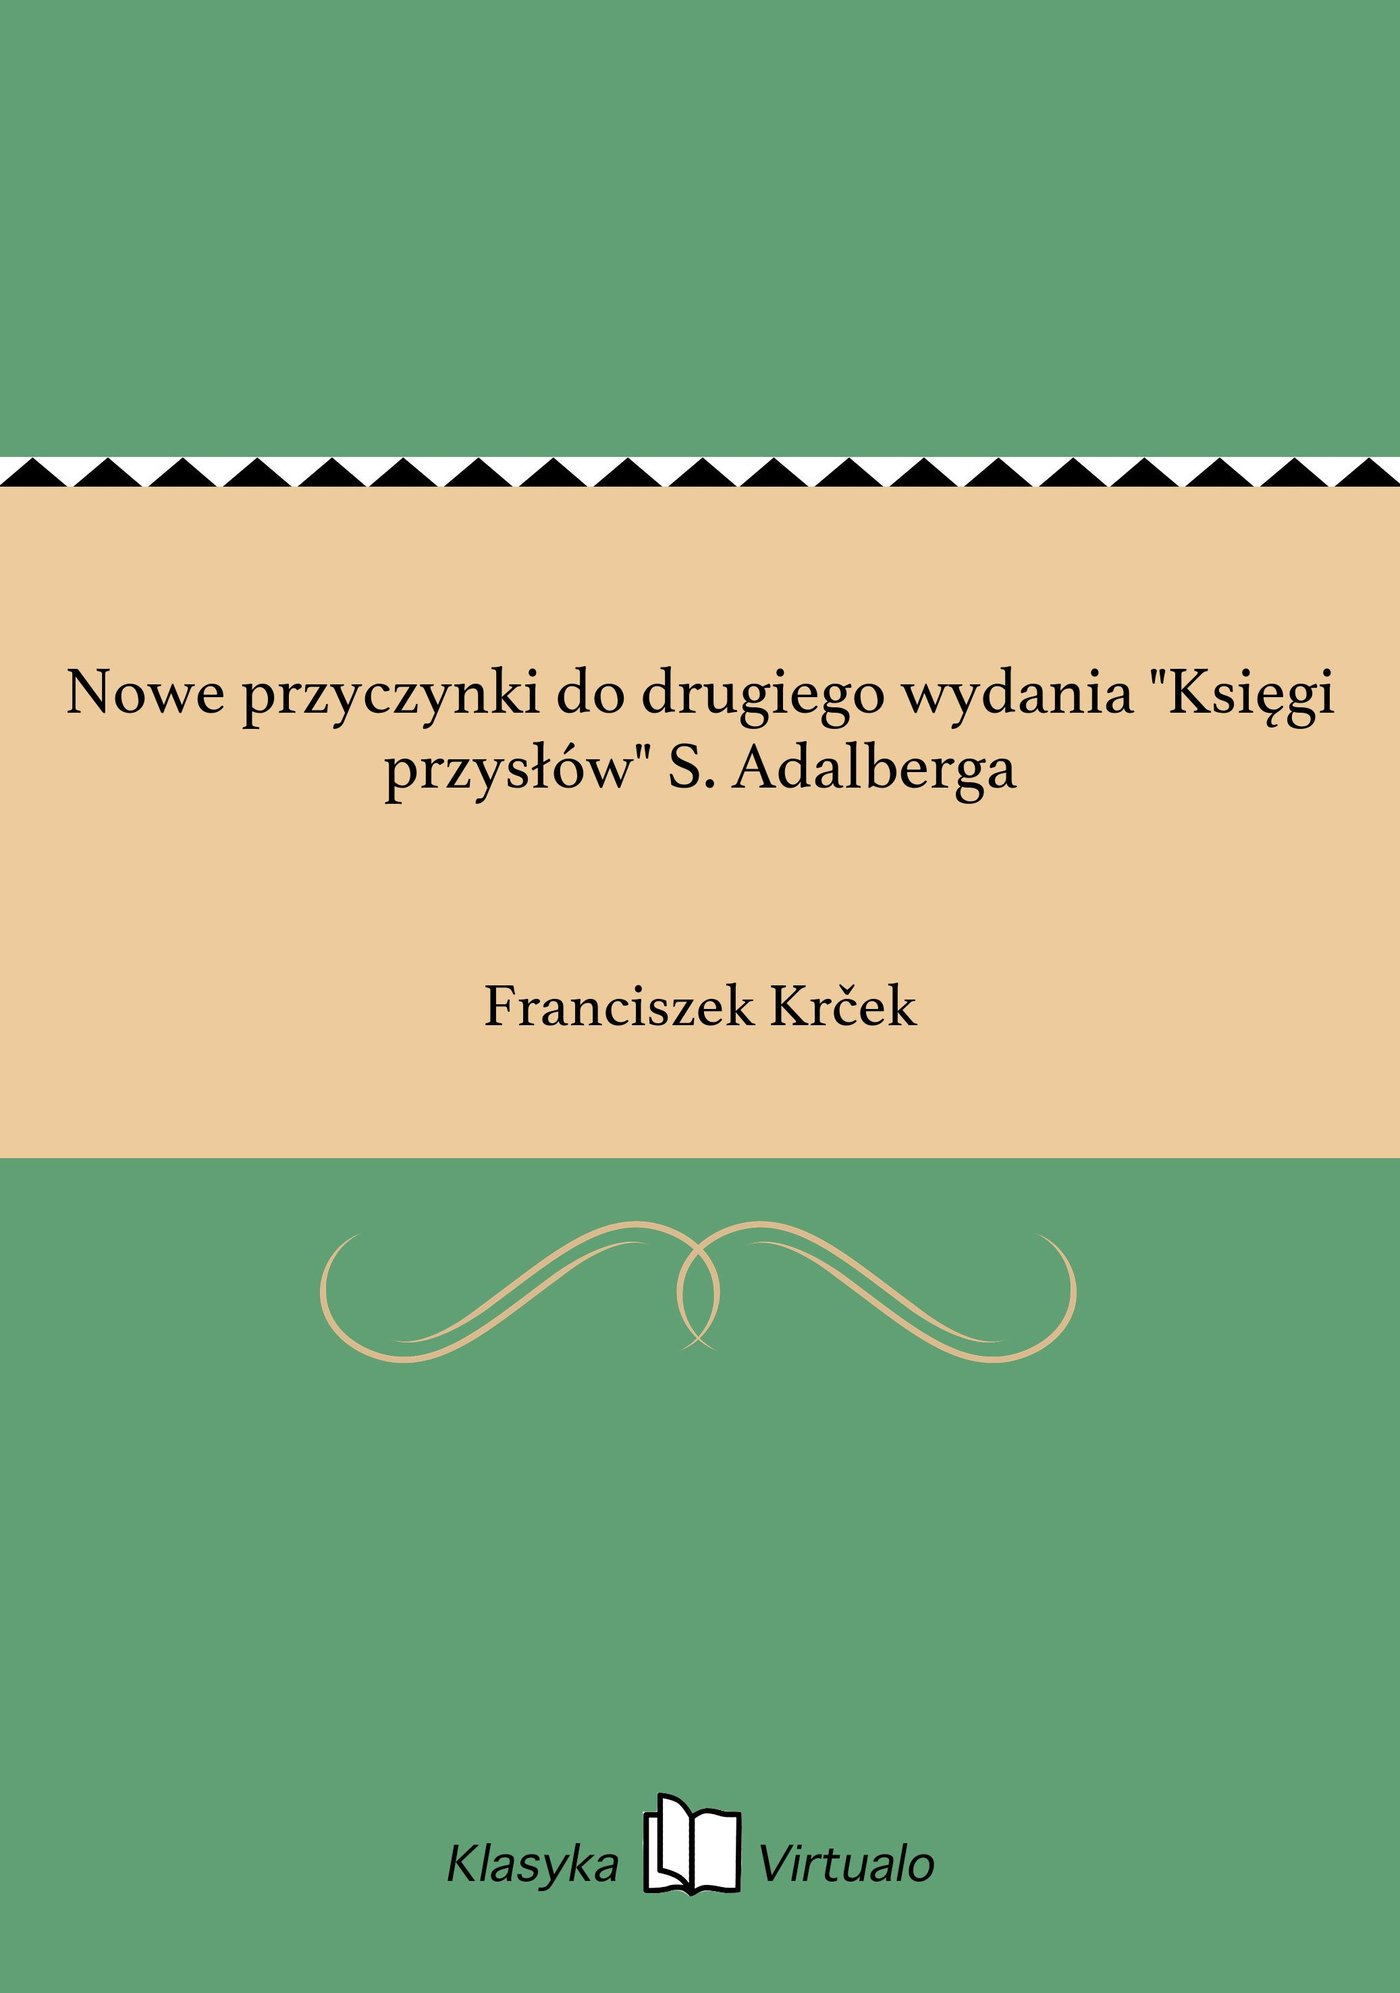 """Nowe przyczynki do drugiego wydania """"Księgi przysłów"""" S. Adalberga - Ebook (Książka na Kindle) do pobrania w formacie MOBI"""